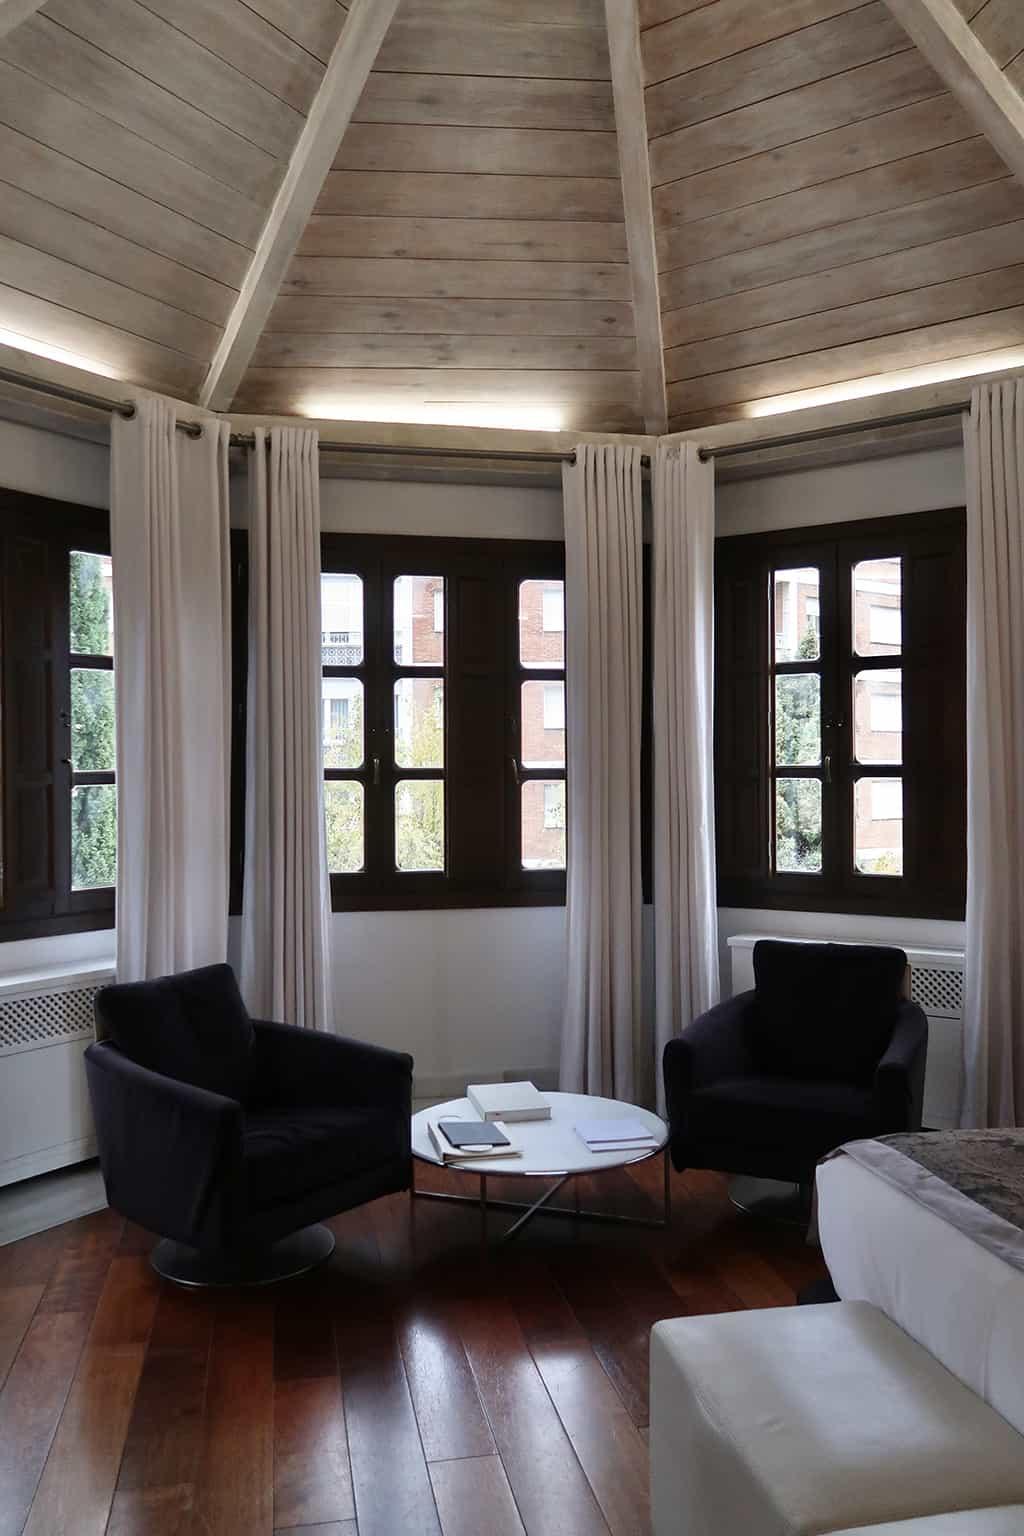 Hotel Hosped Palacio de los Patos10